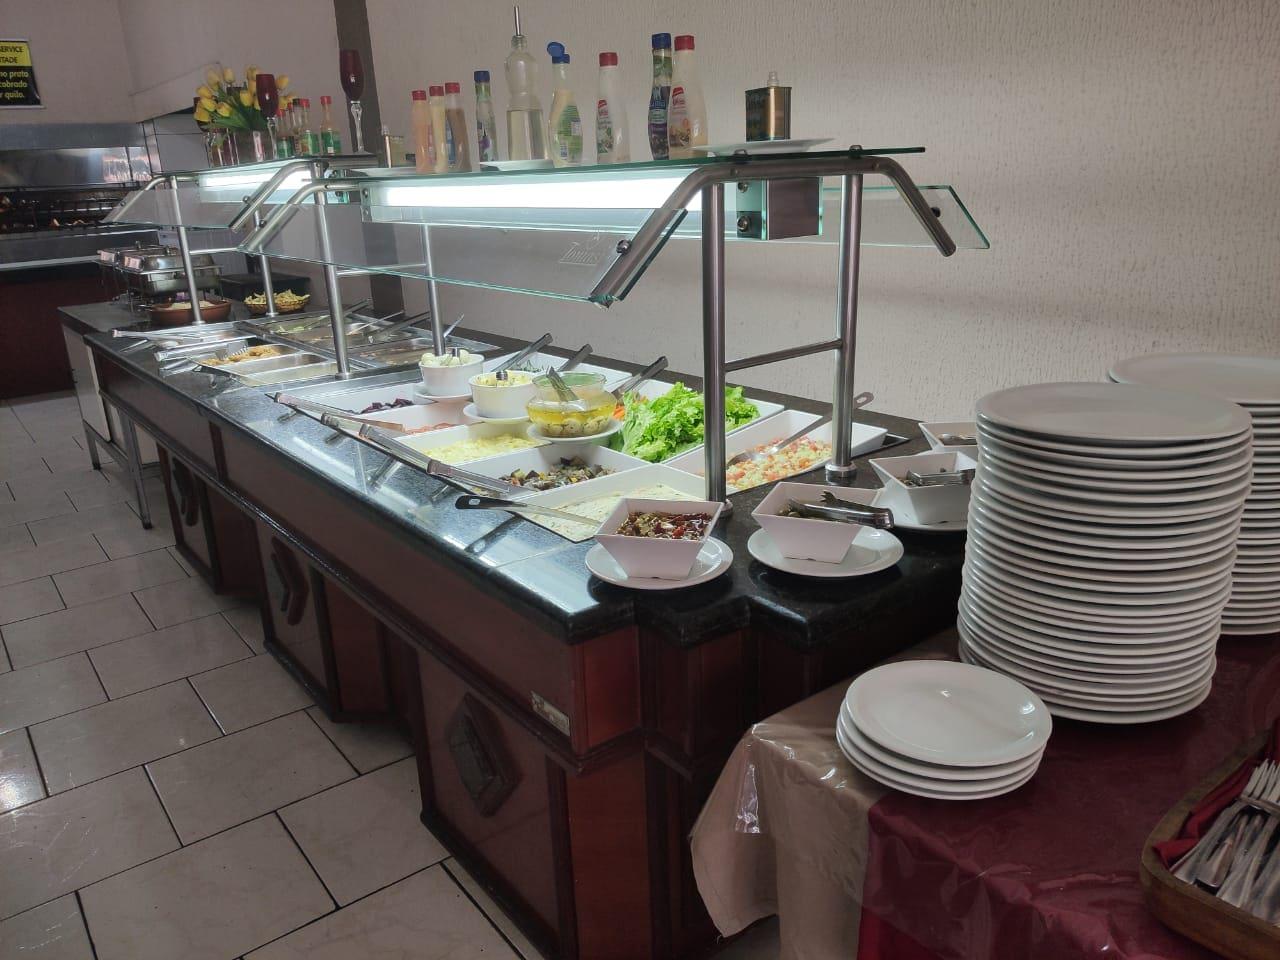 Churrascaria Lino's Grill